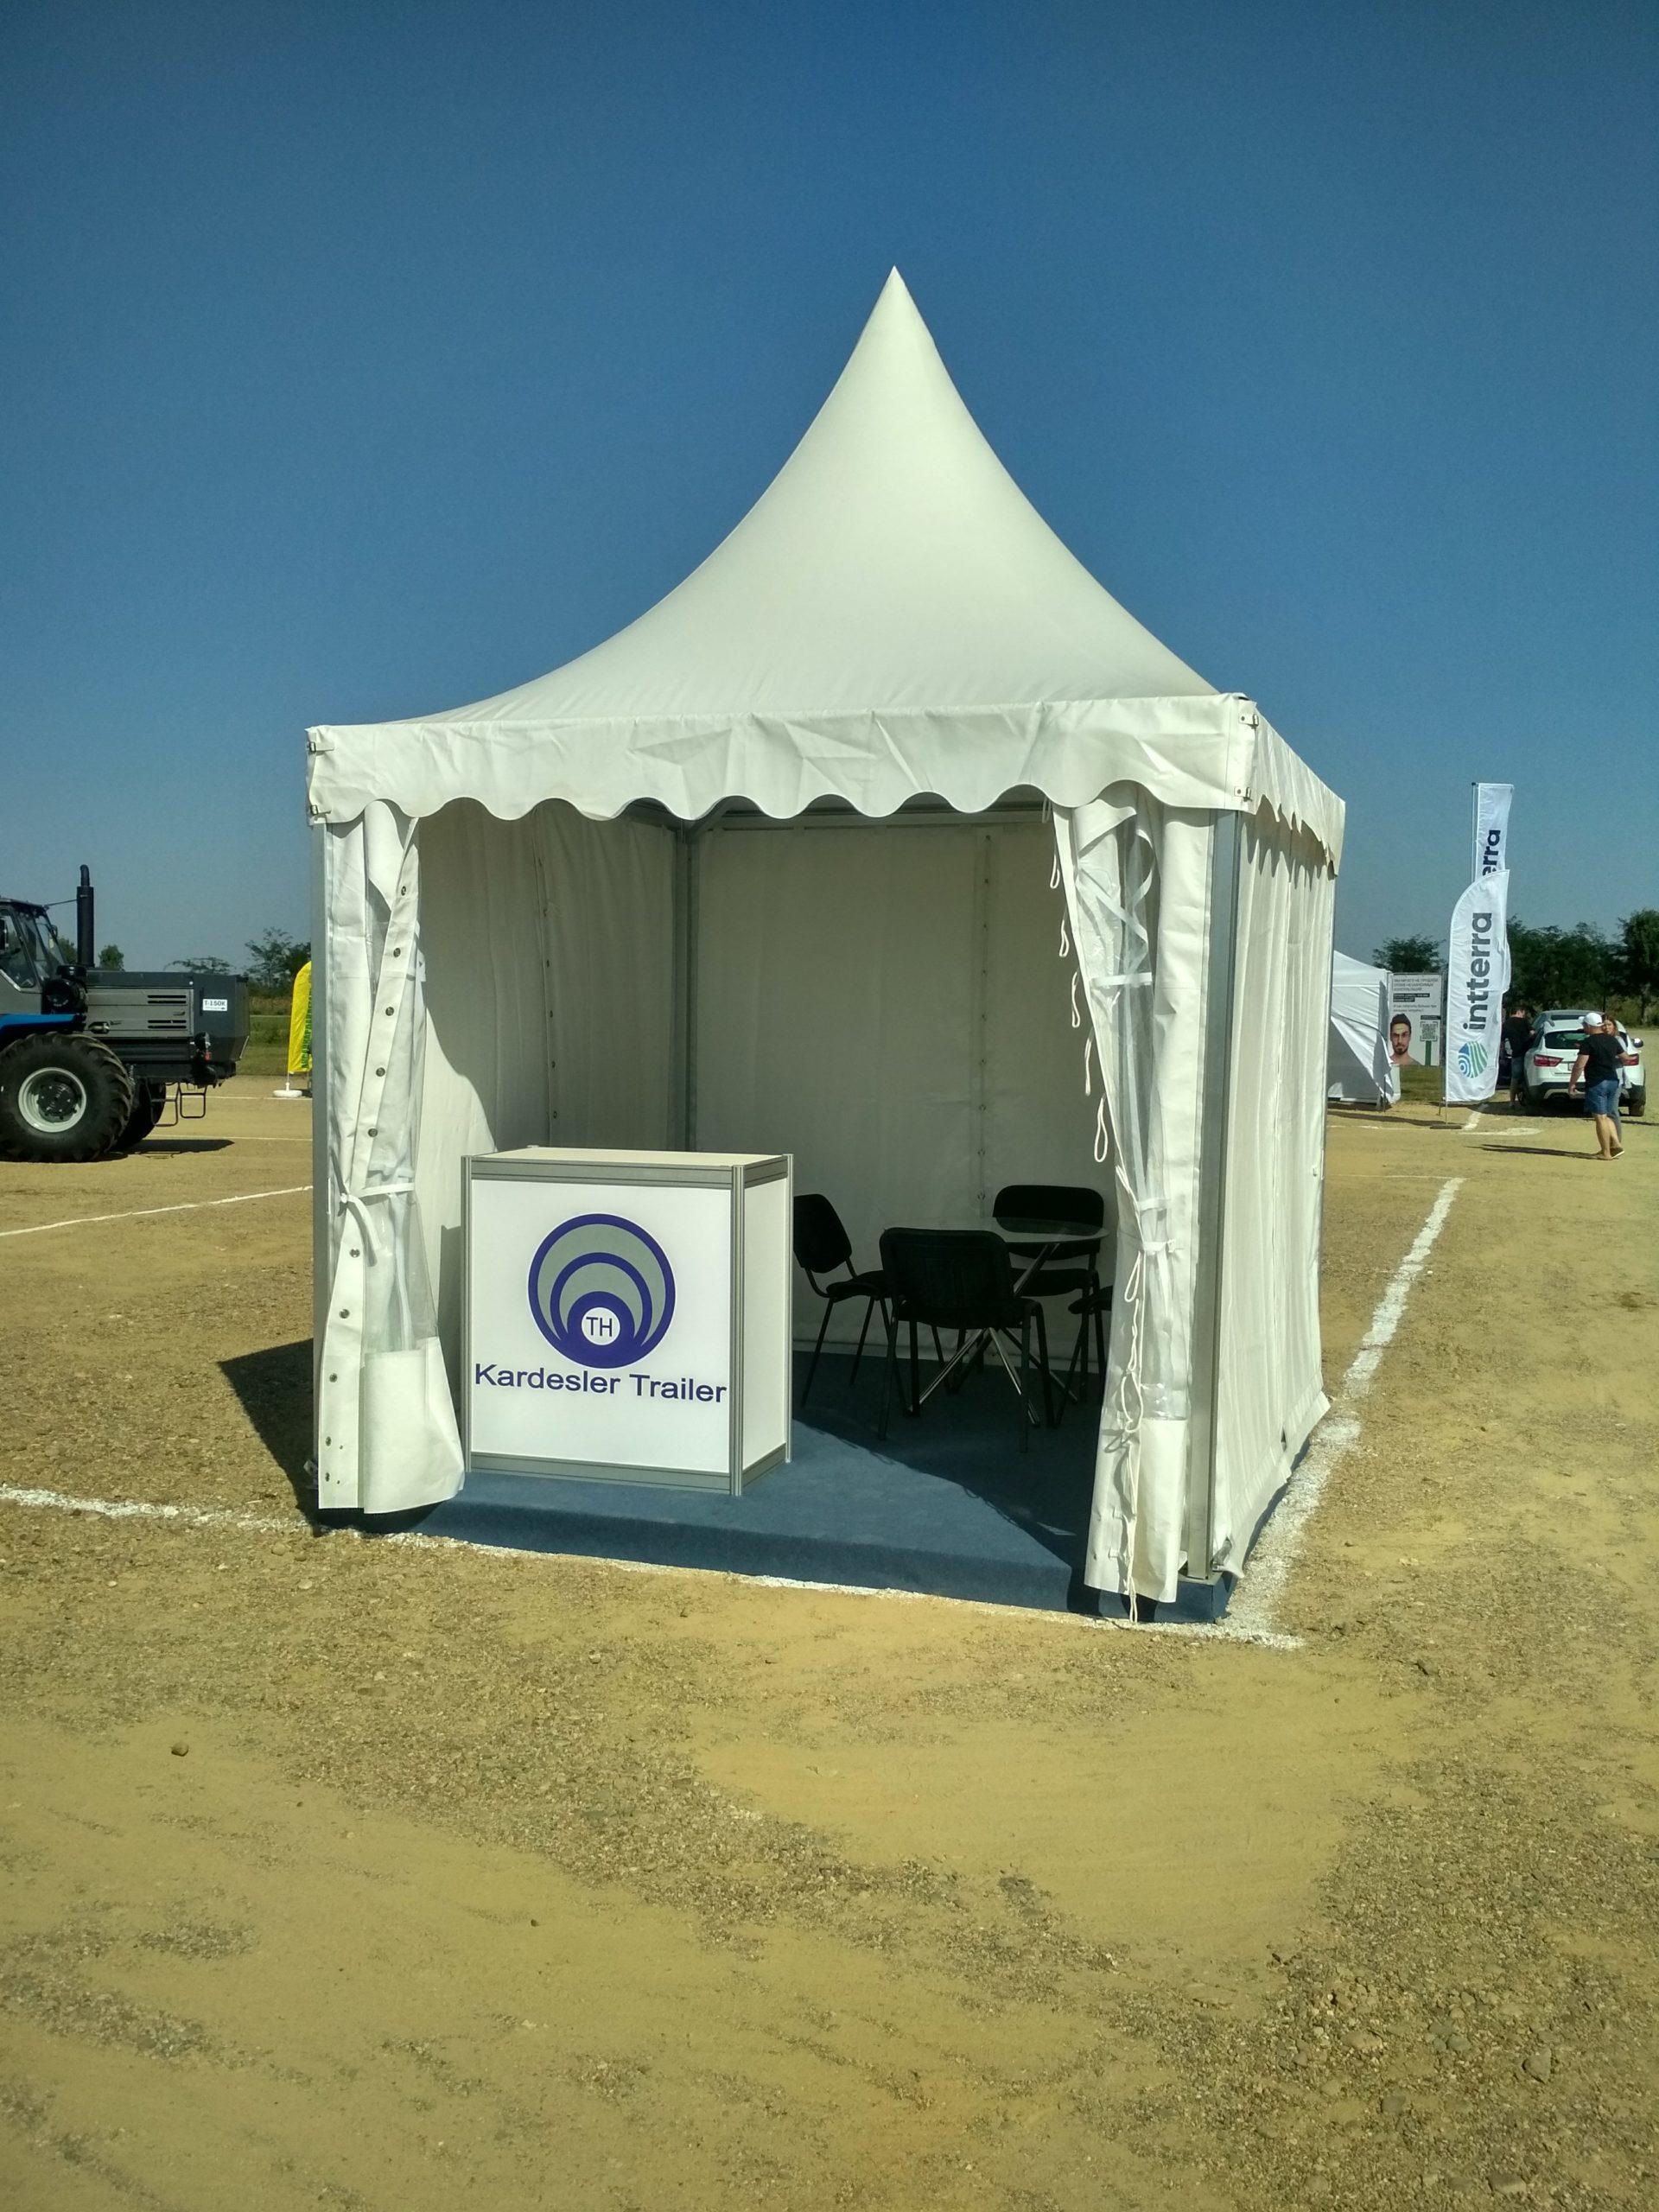 IMG 20200914 142603 HDR scaled - Аренда шатра для выставочных мероприятий